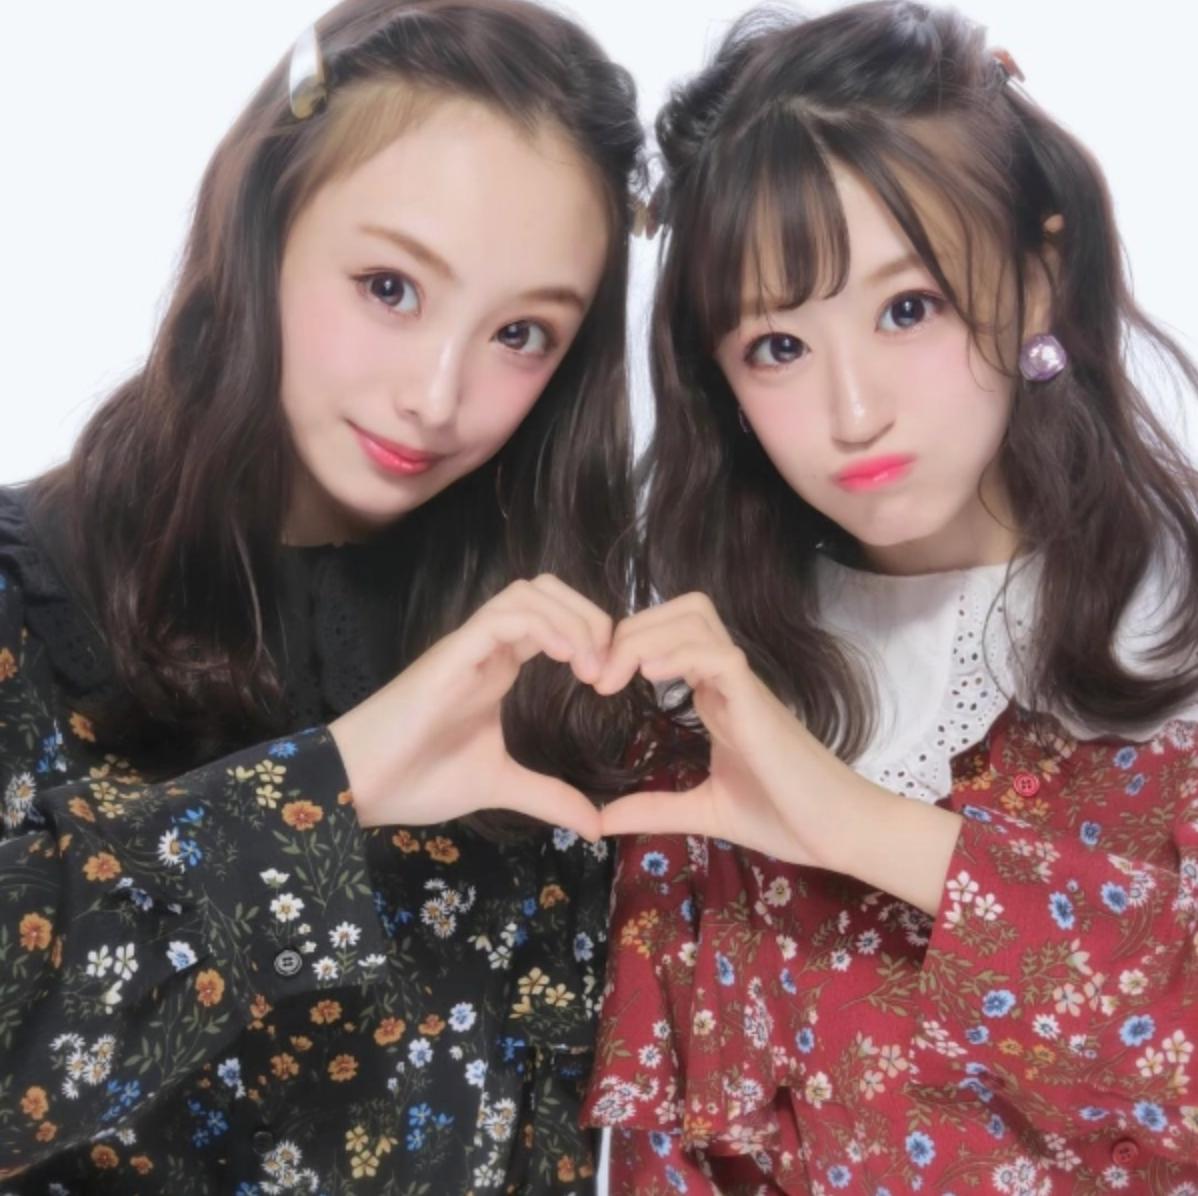 Japanese Purikura Poses - Heart Hands